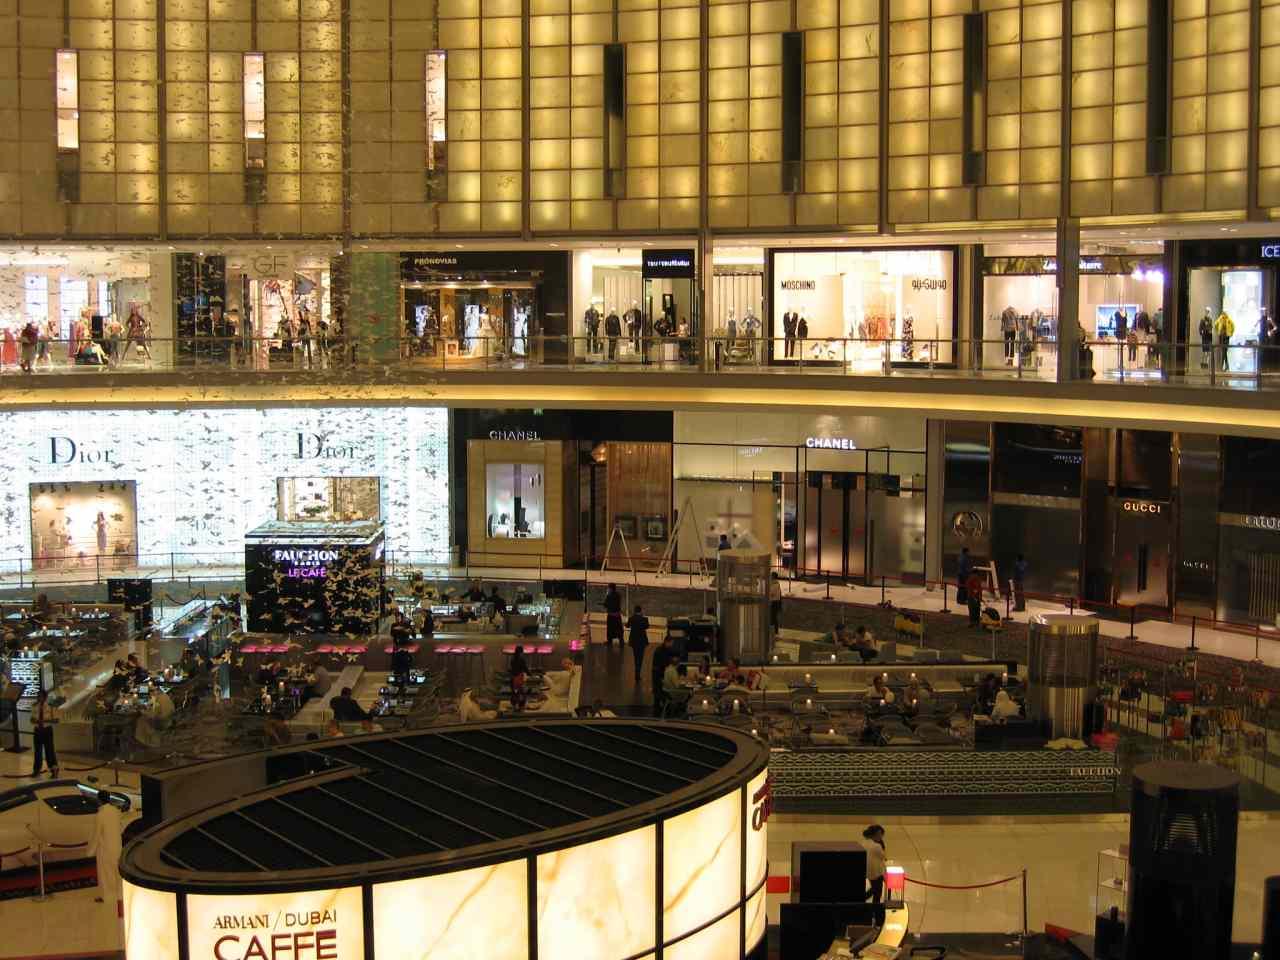 The Dubai Mall, Top tourist attractions in Dubai